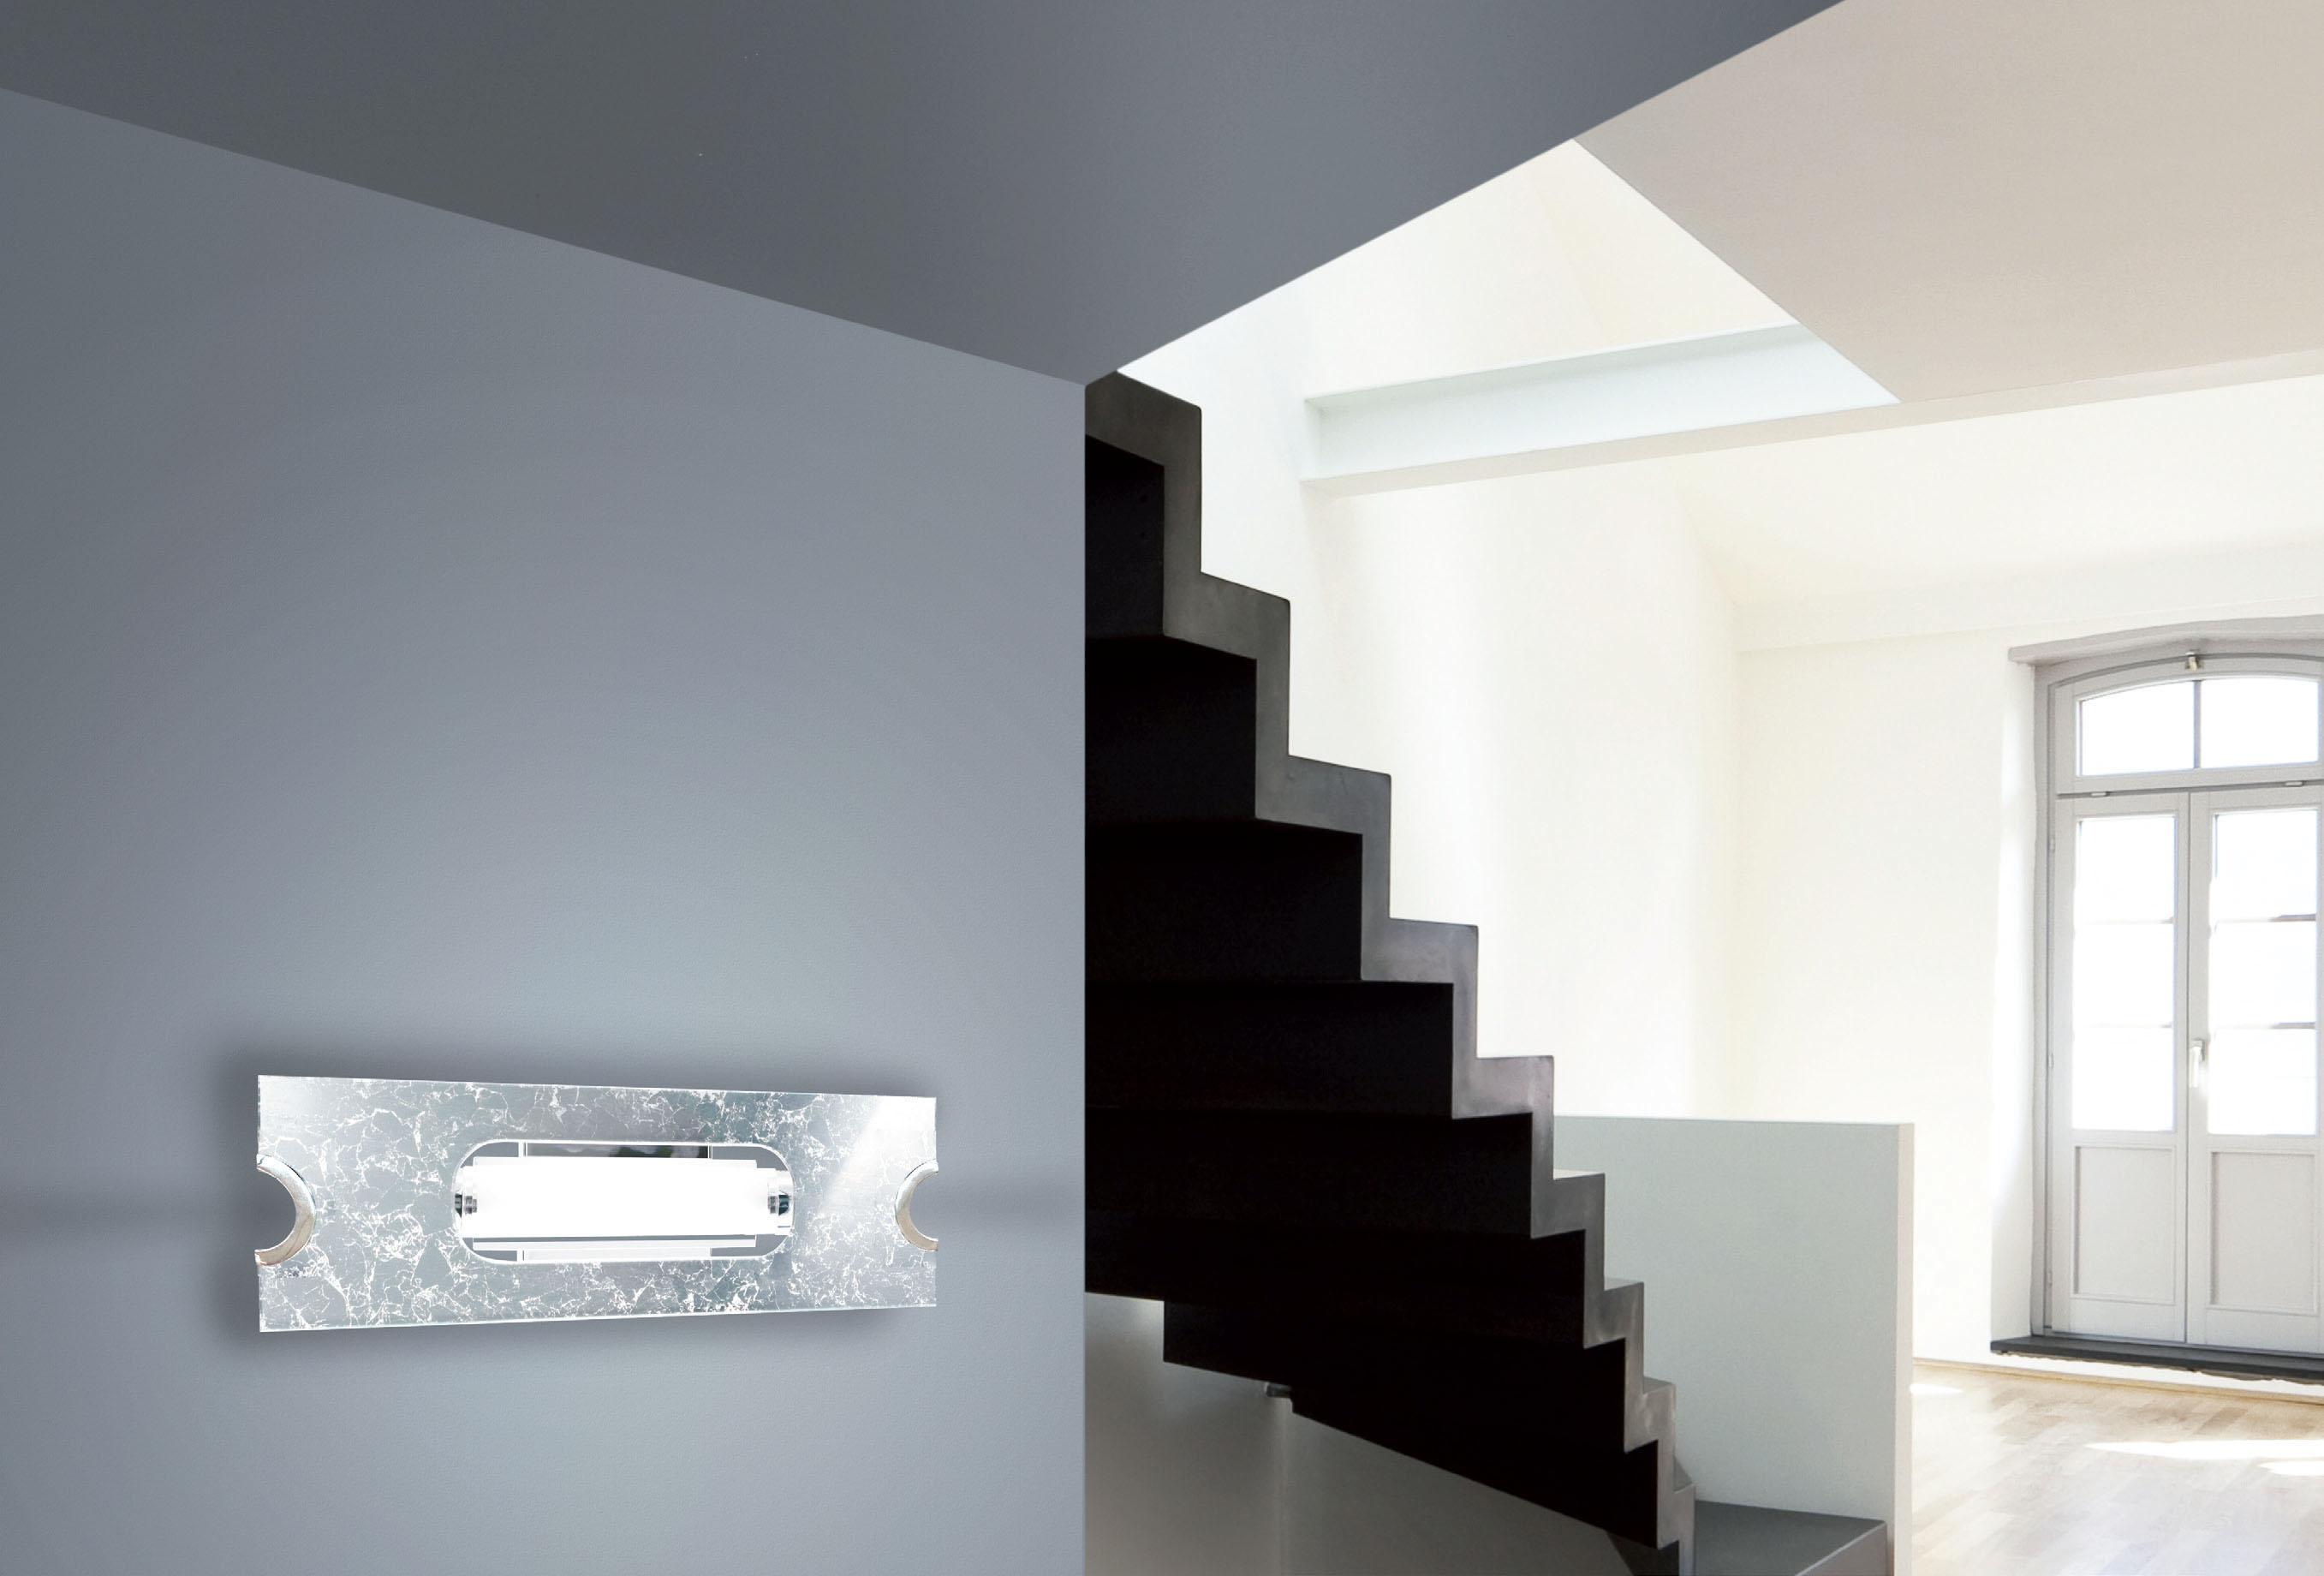 Sikrea lampada da parete swing a argento for Parete argento